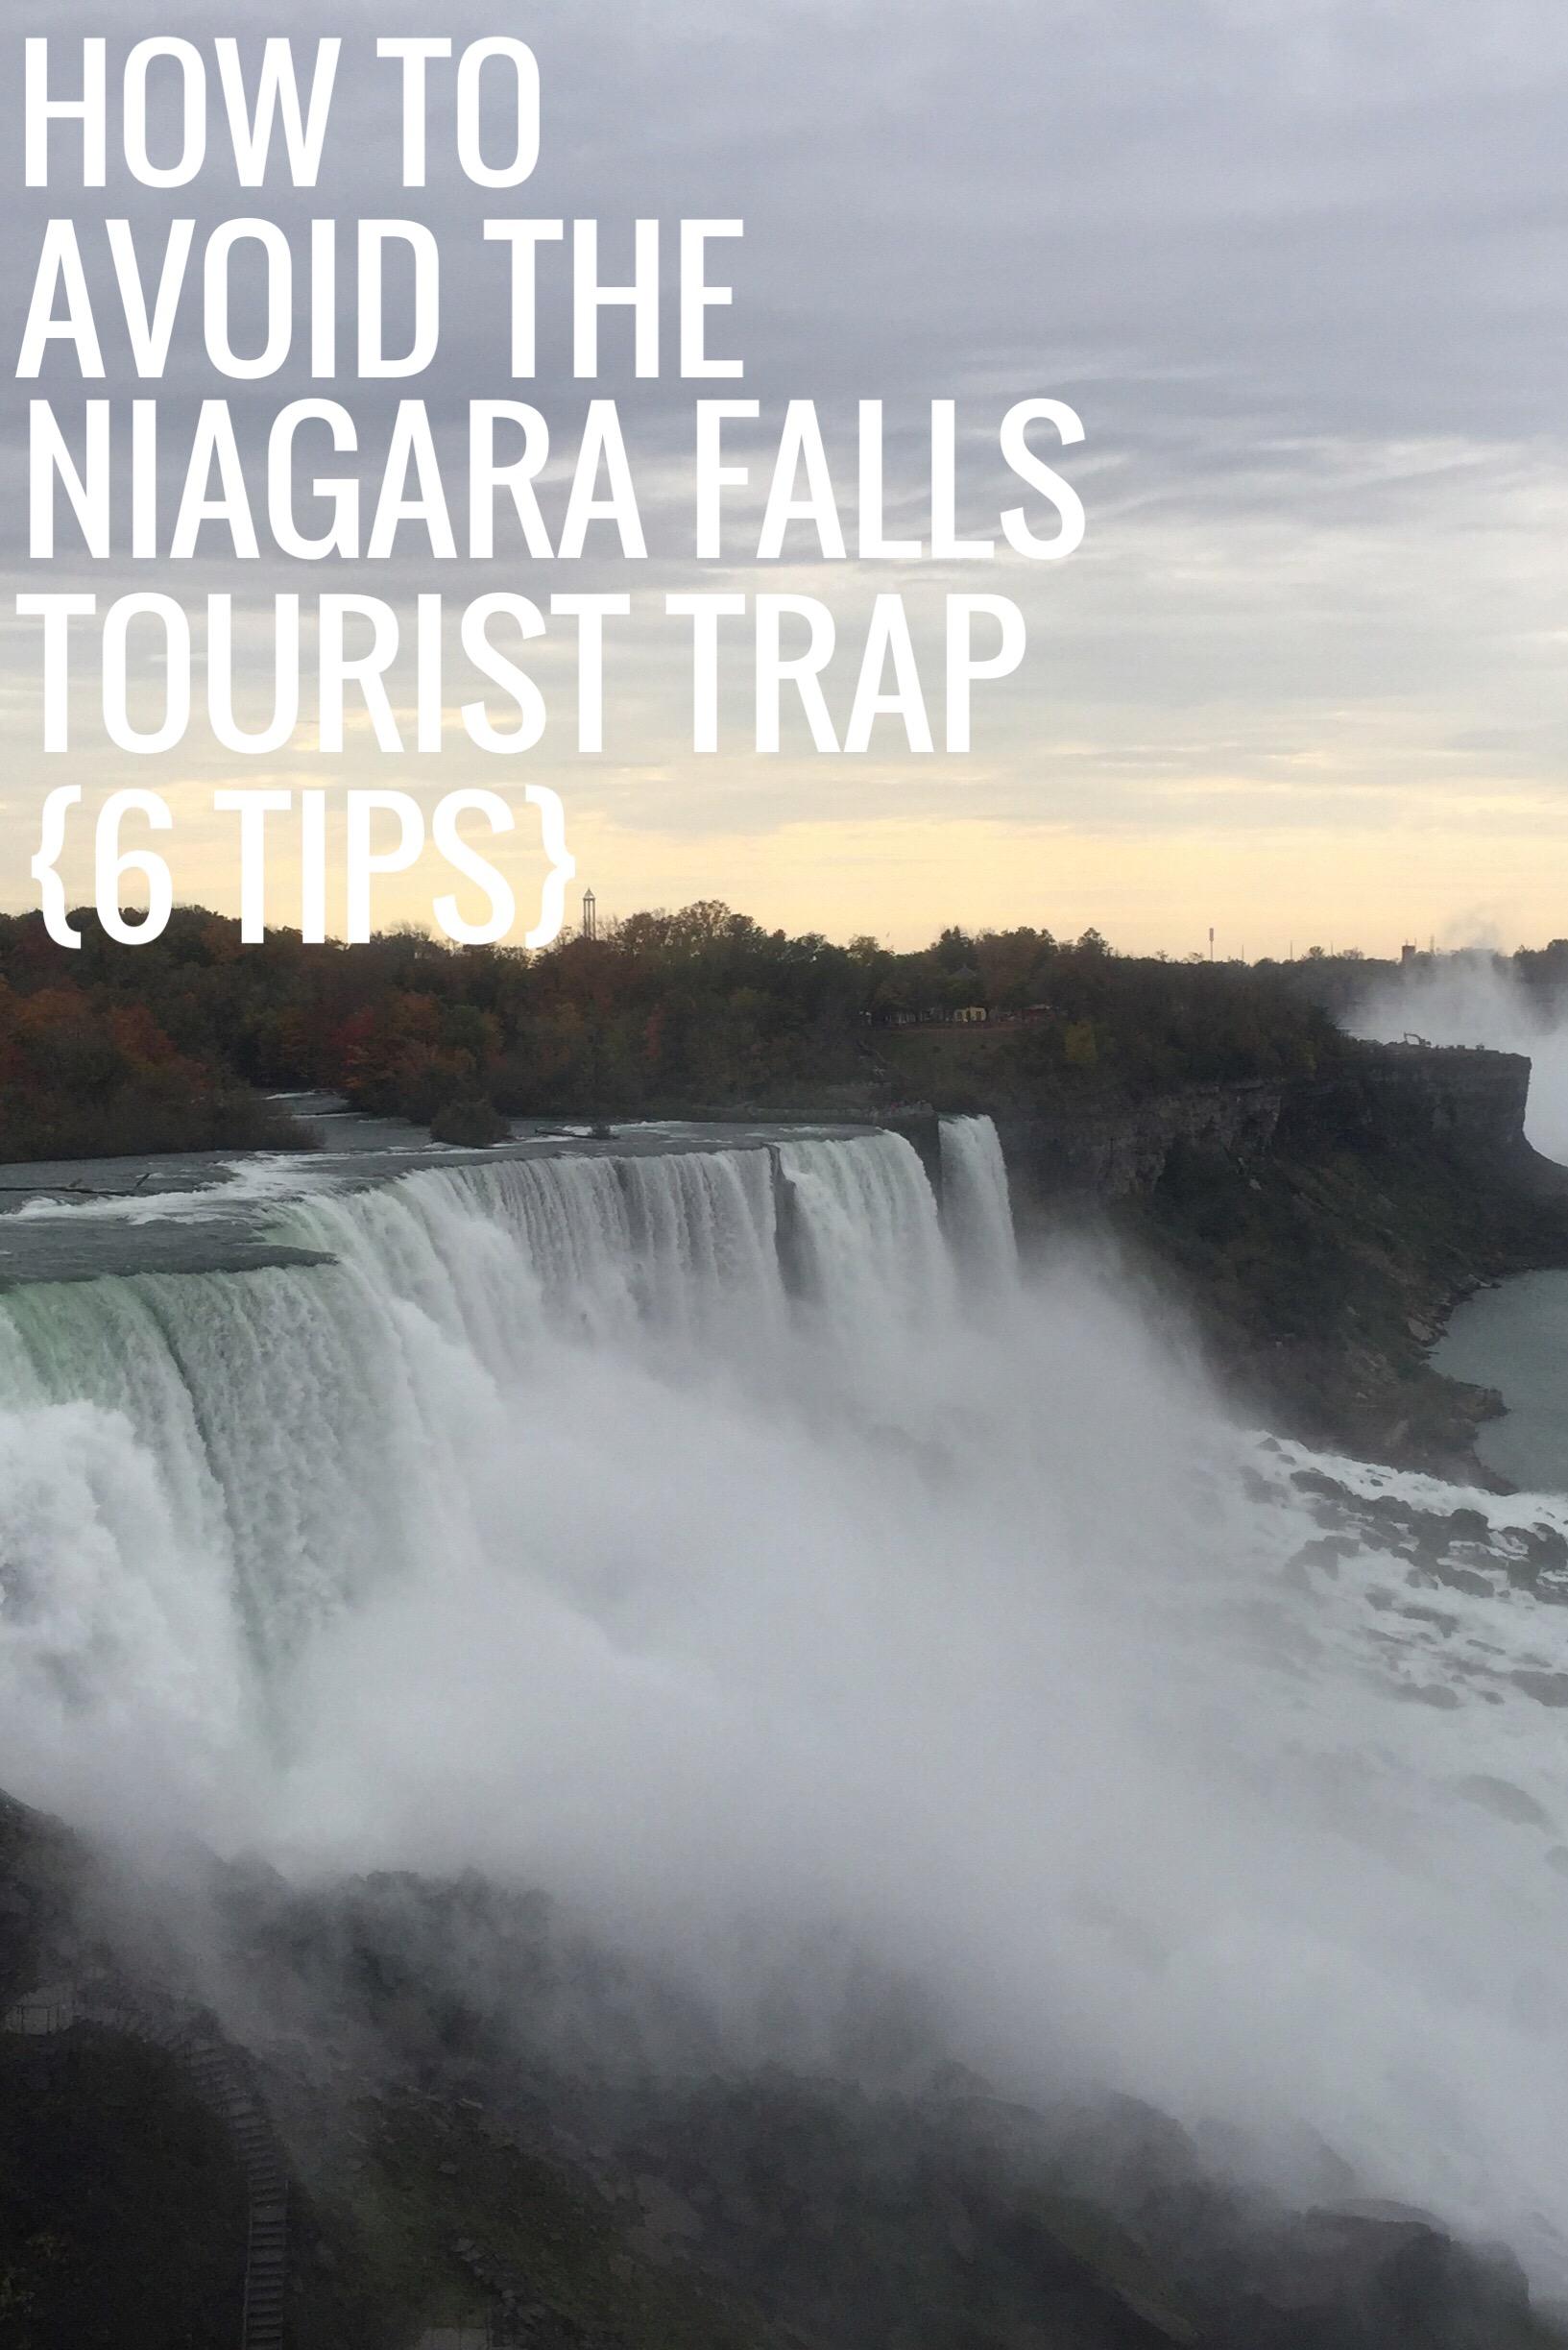 6 Niagara Falls Tips To Avoid The Tourist Trap